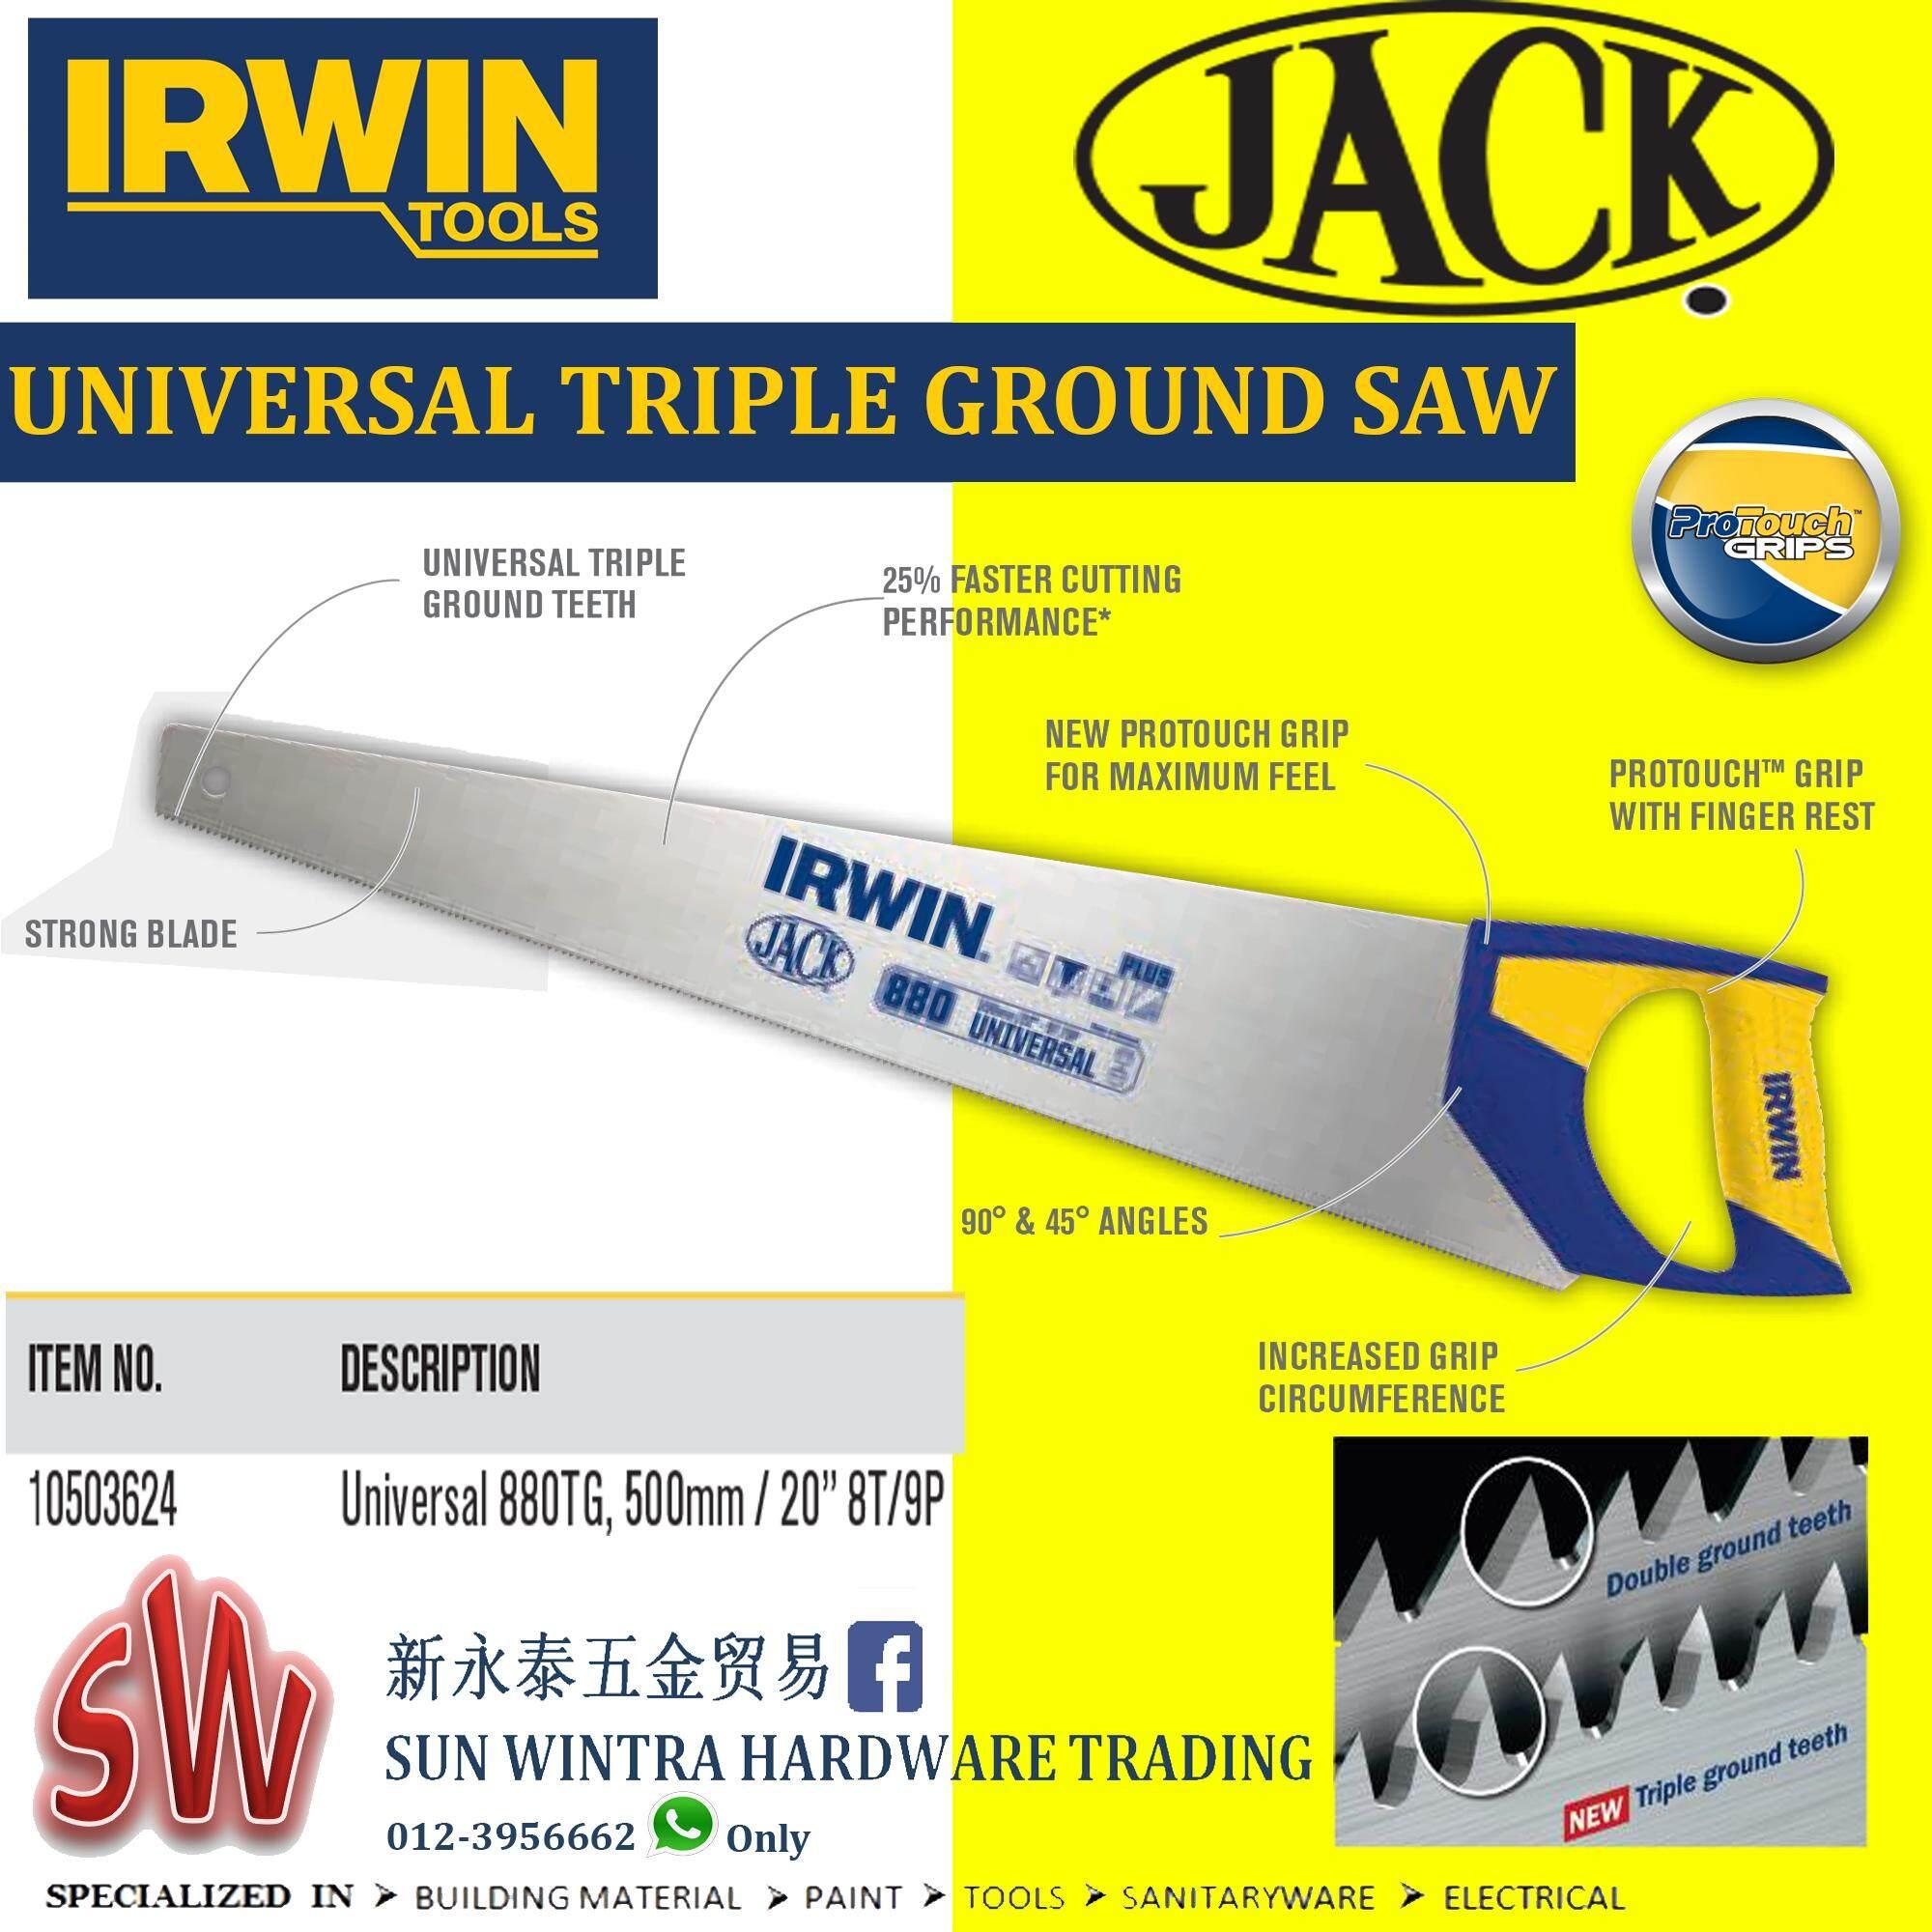 IRWIN PLUS880 20/500MM UNIVERSAL TRIPLE GROUND SAW